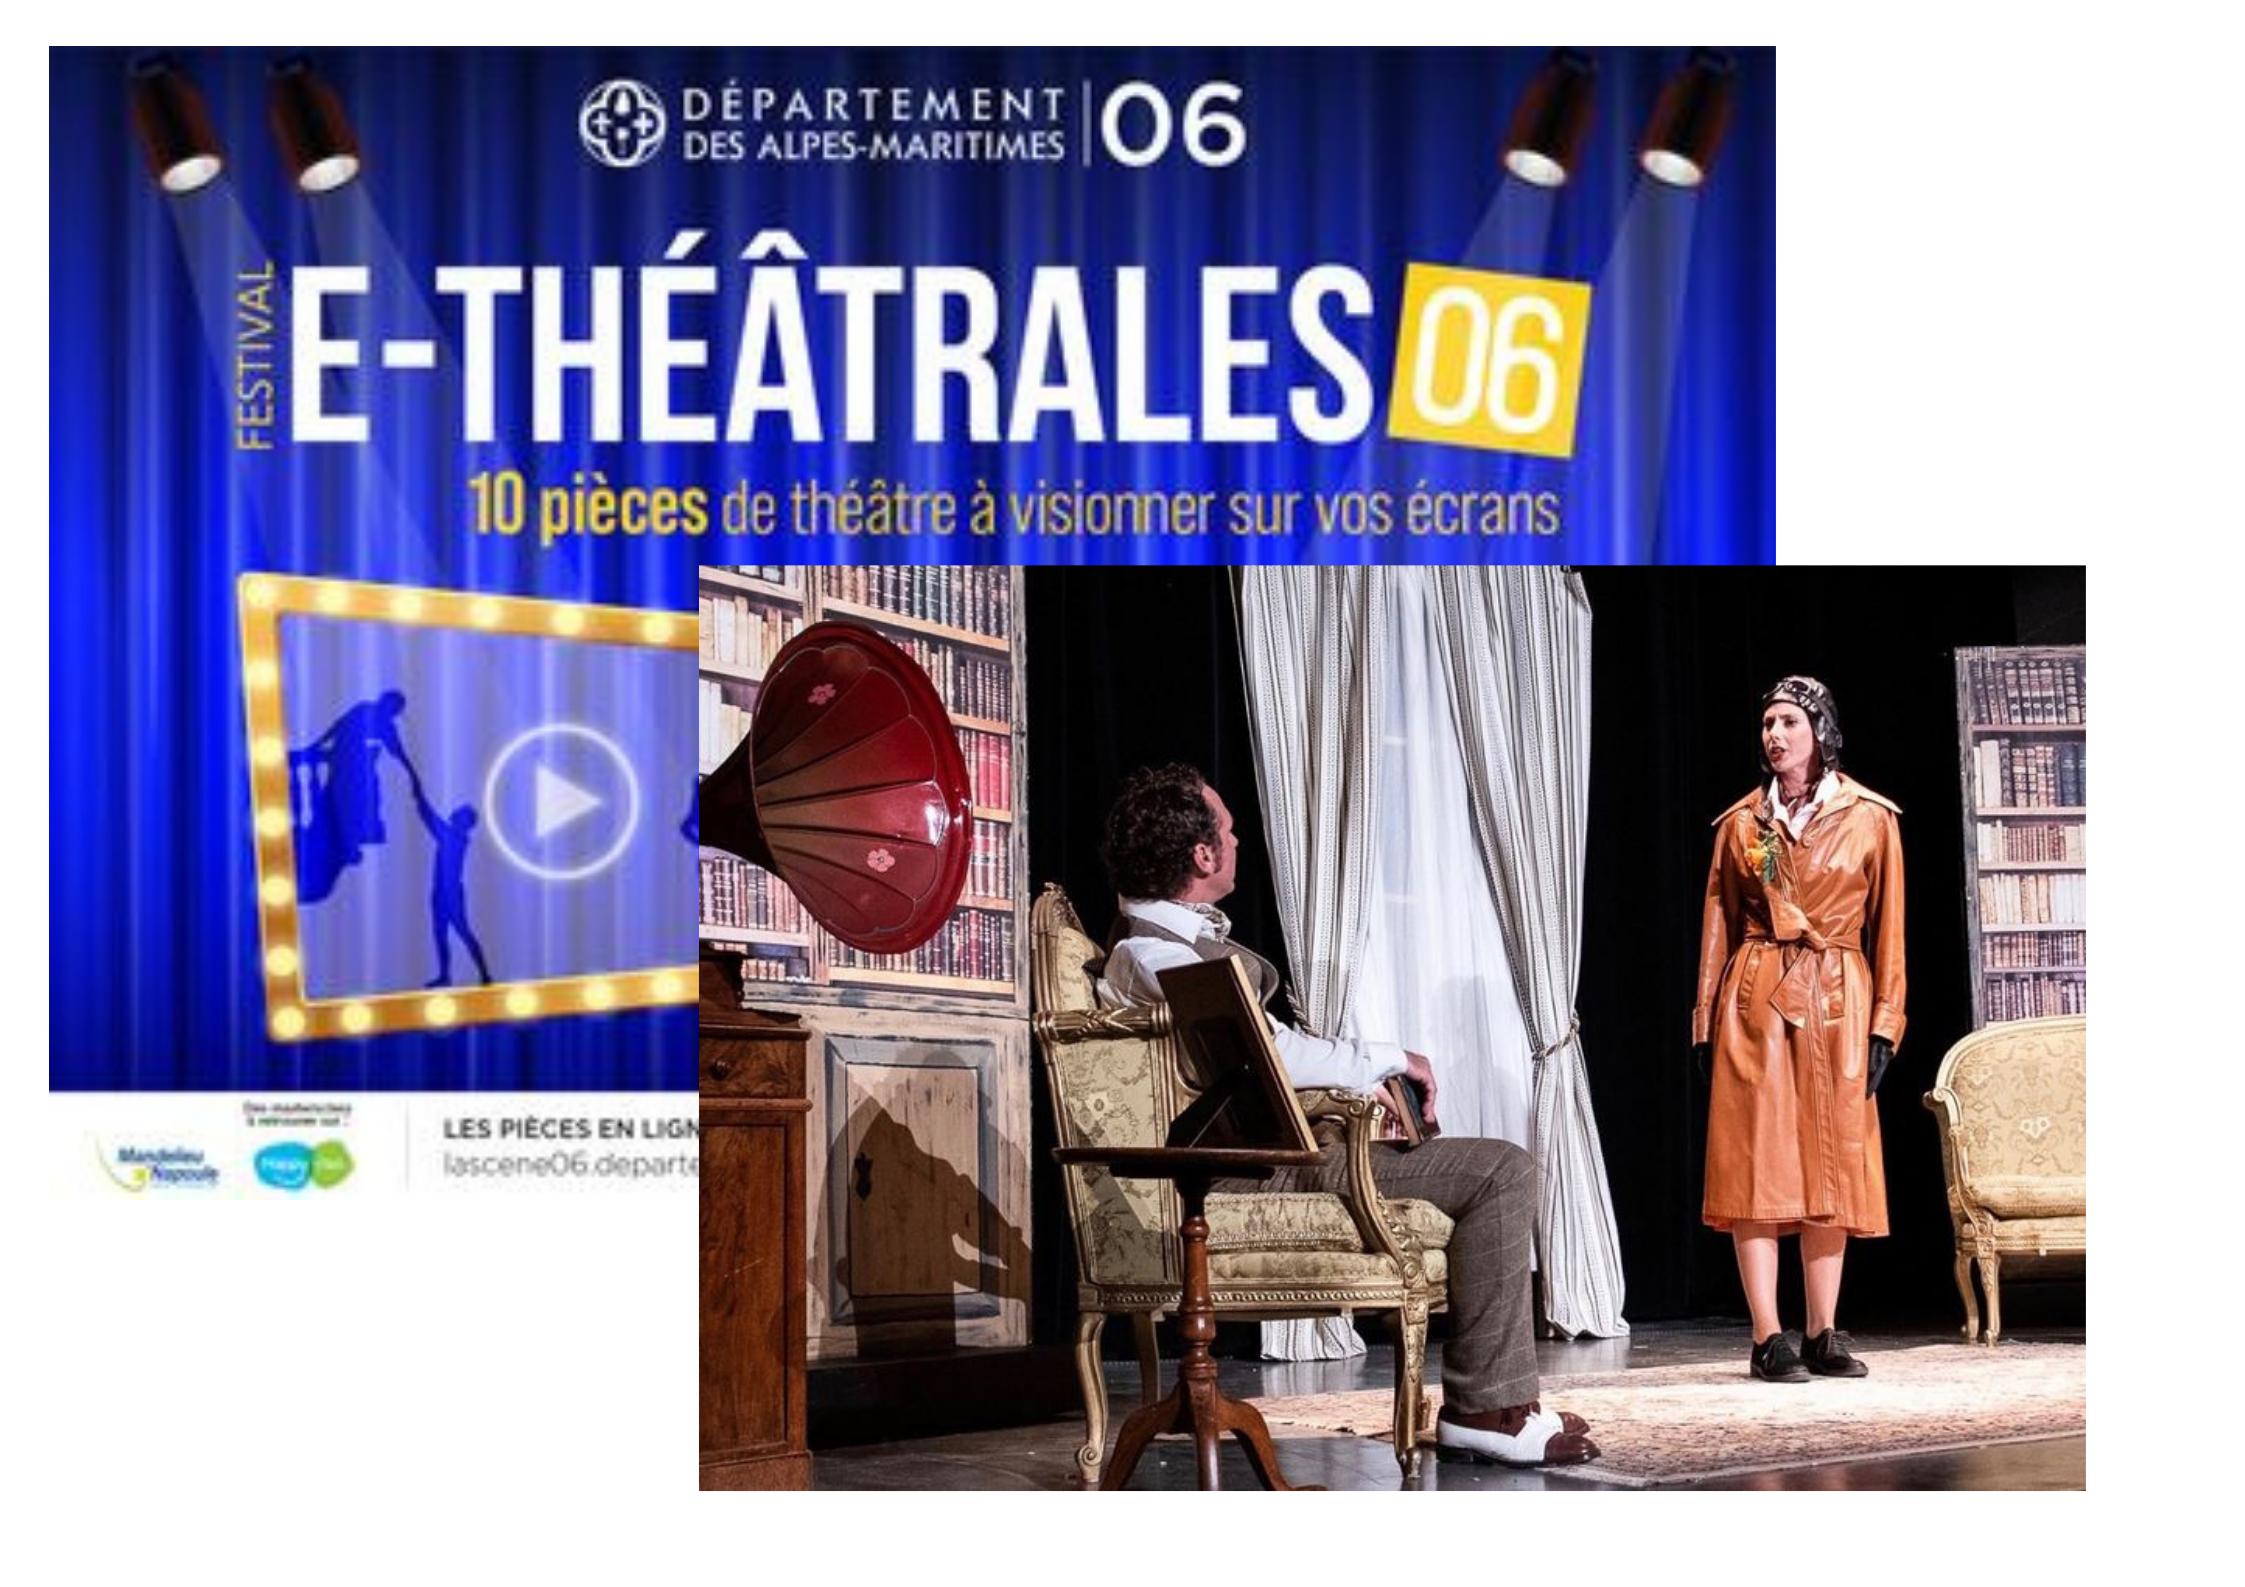 Département 06 : Les E-théâtrales se jouent à domicile !